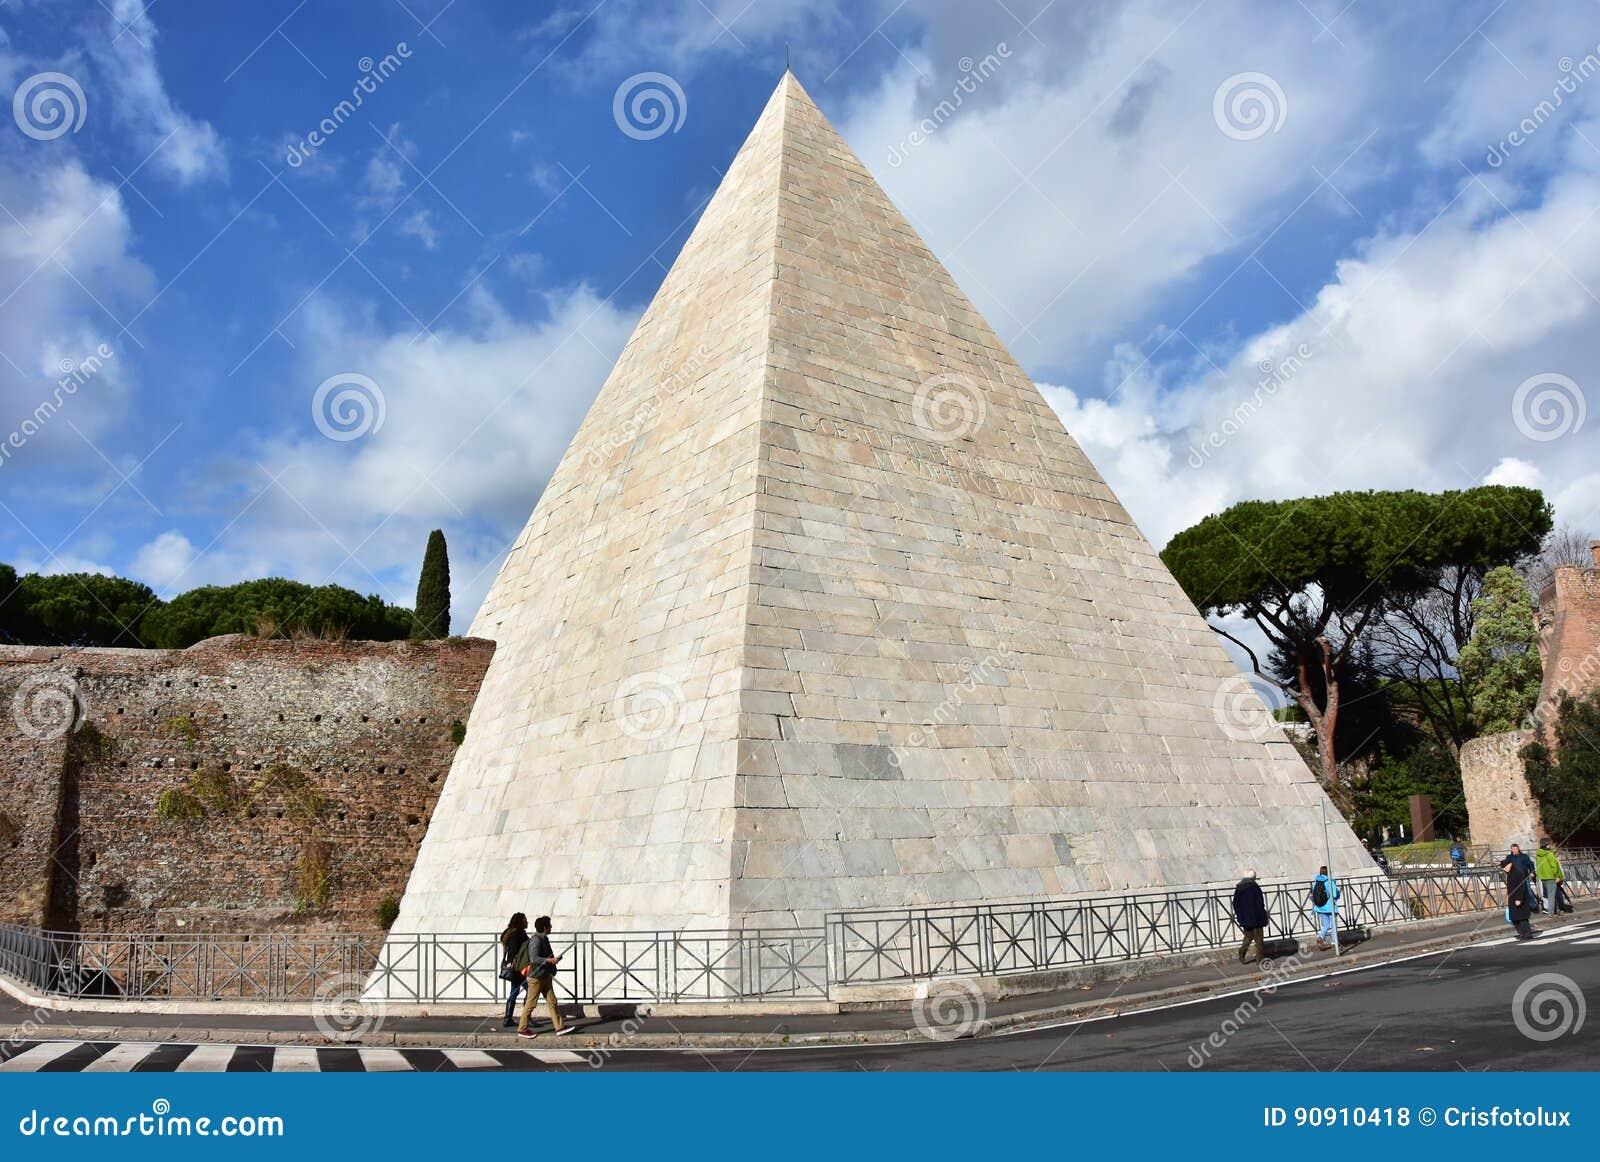 Pirâmide de Cestius